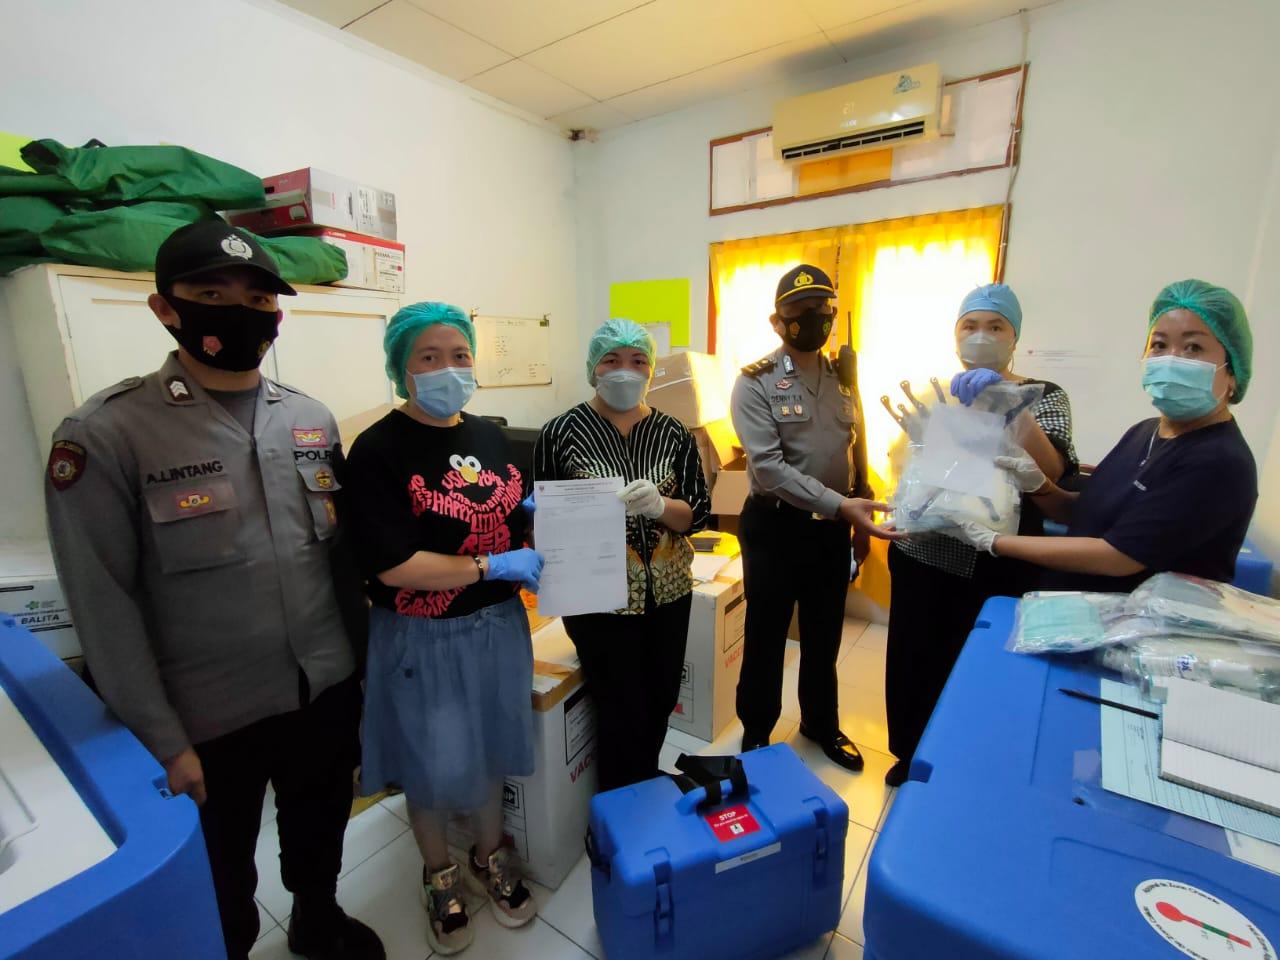 Pendistribusian Vaksin Covid-19 Sinovac Dikawal Polres Minsel ke Rumah Sakit, Poliklinik dan Puskesmas